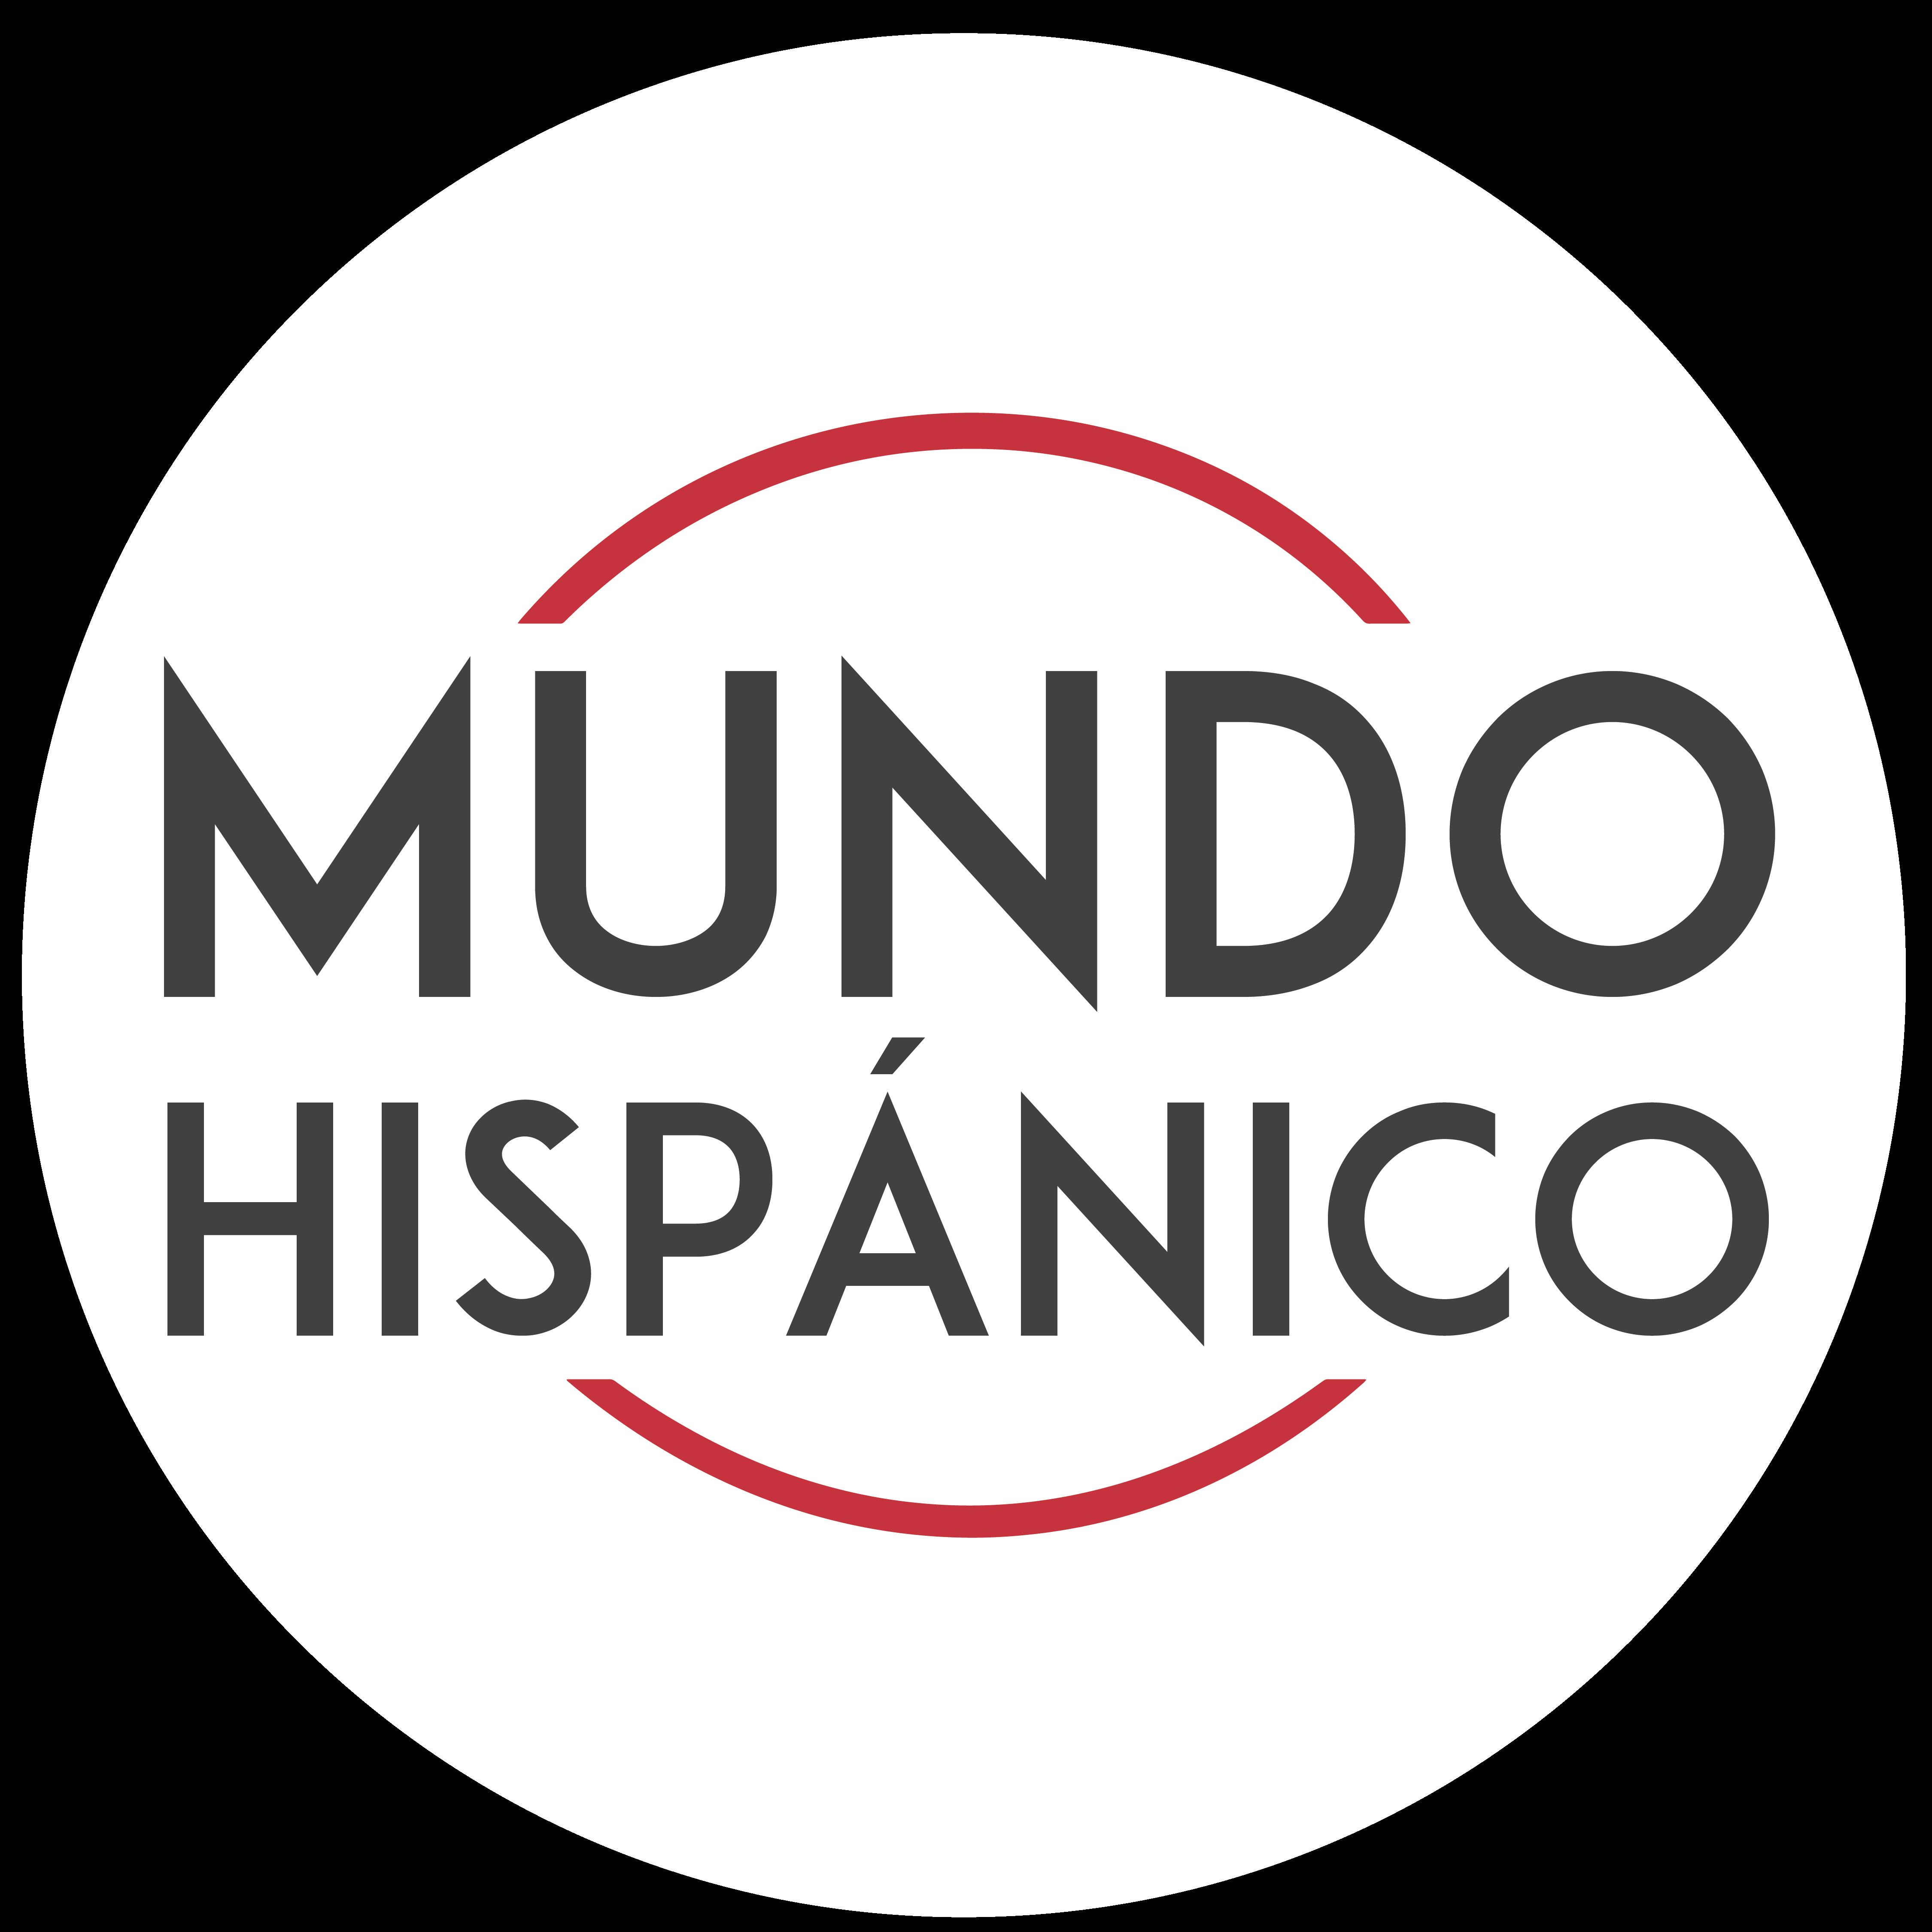 Mundo Hispanico logo